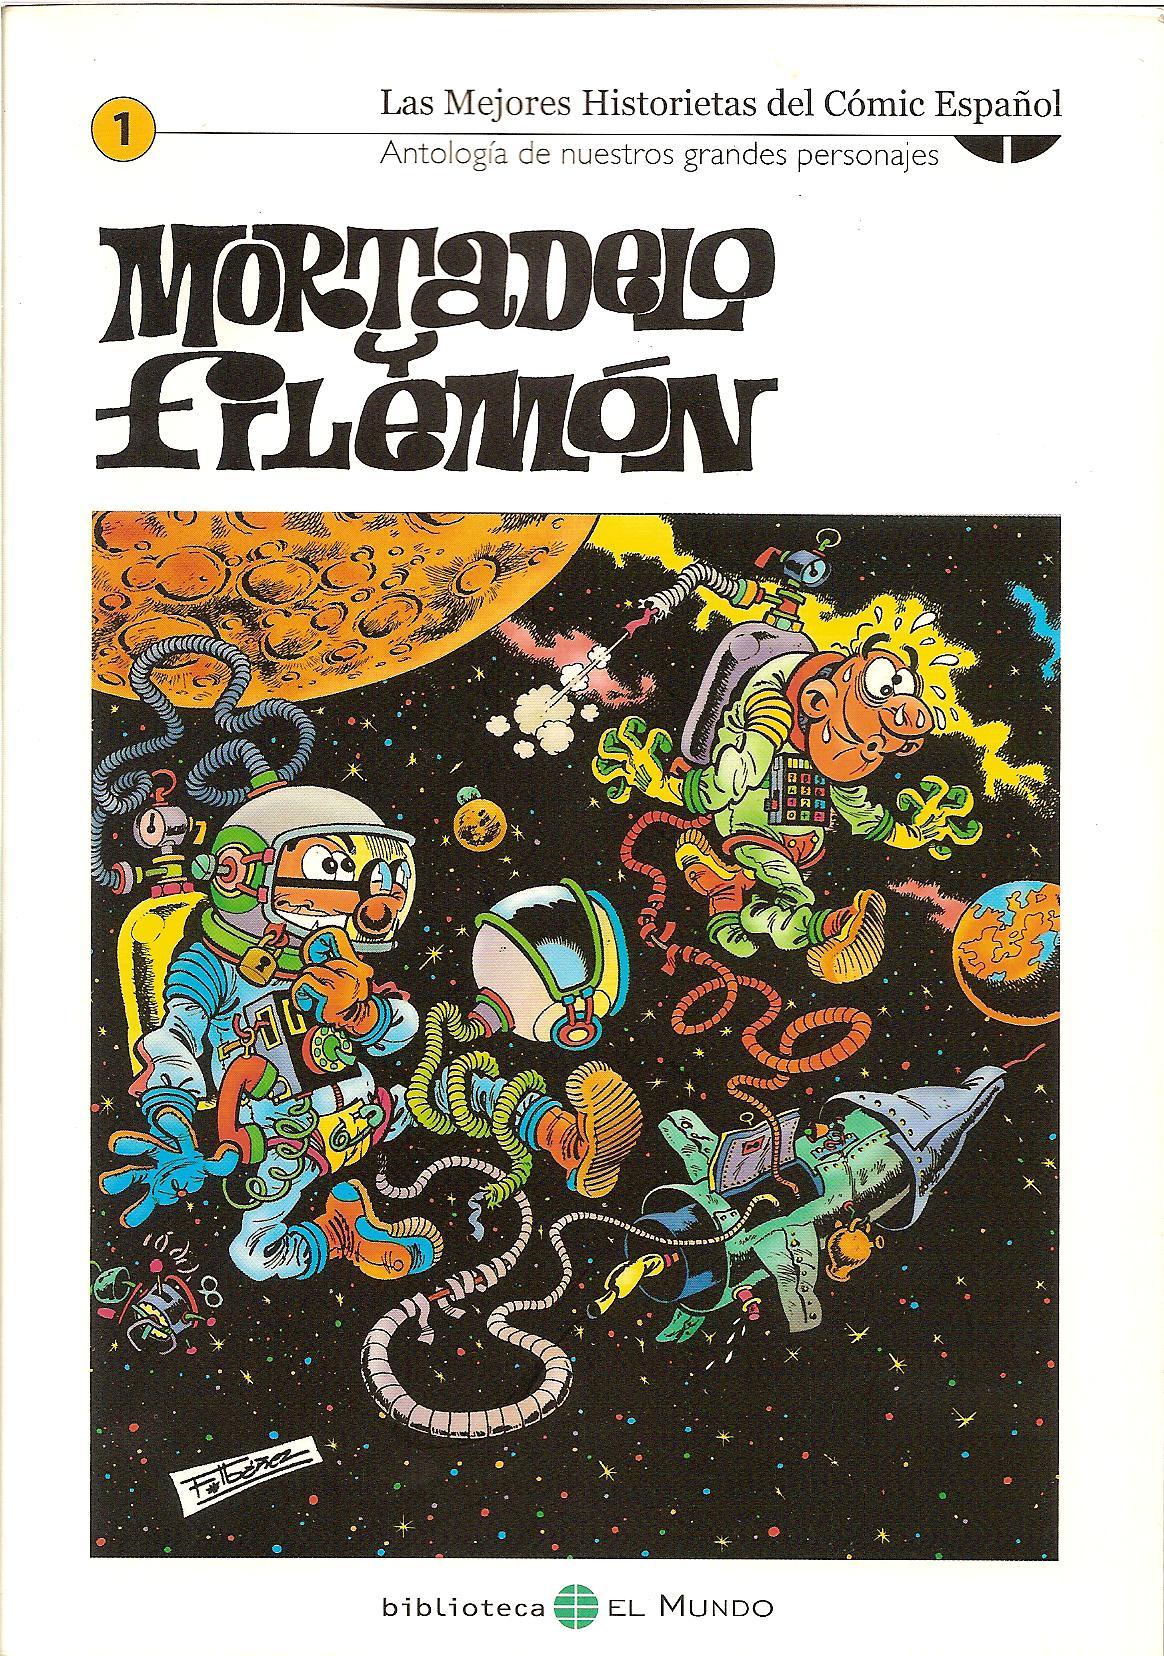 Mortadelo y Filemón...